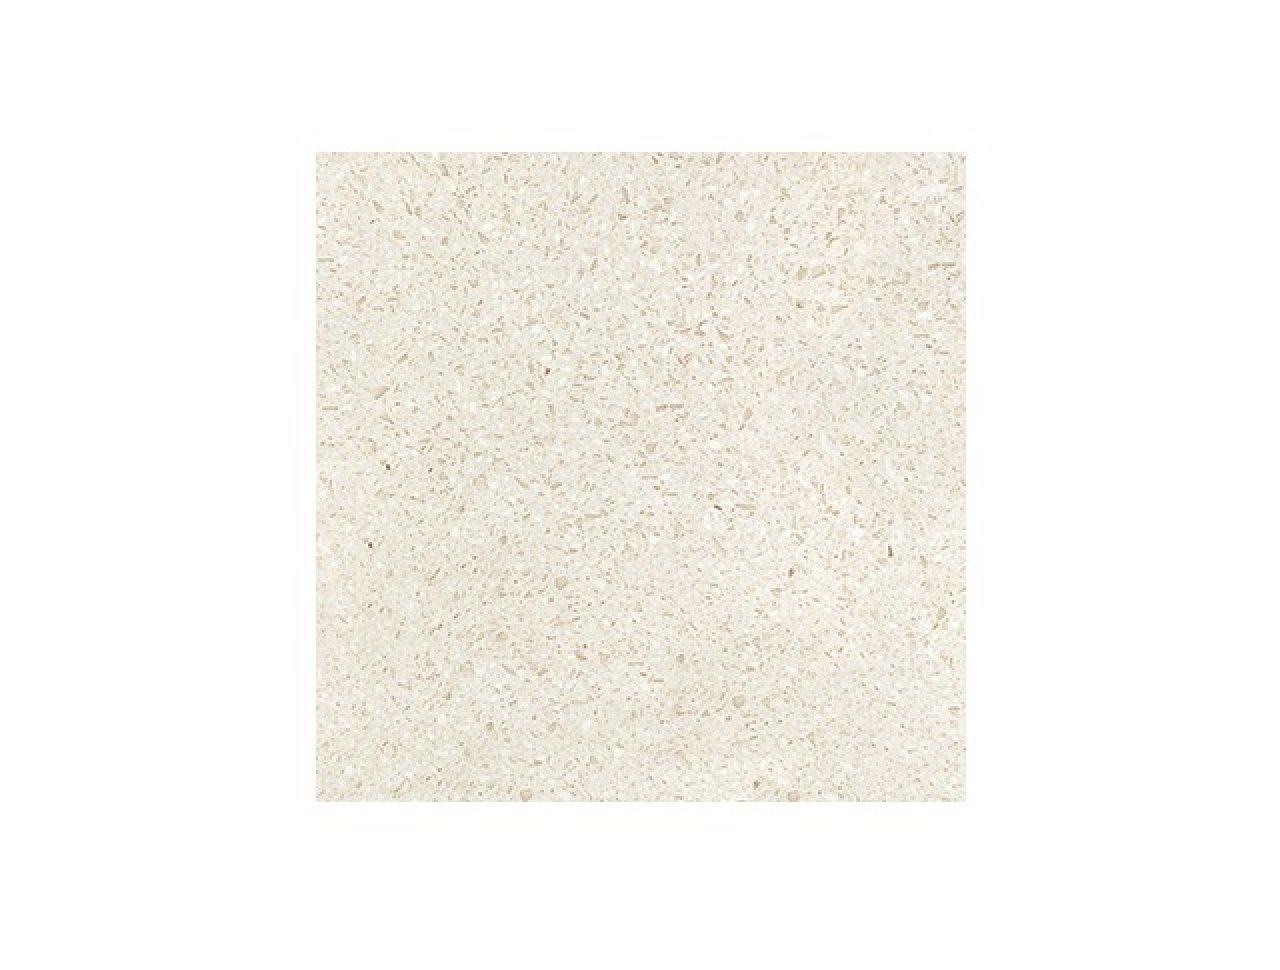 Напольная плитка Marvel Terrazzo Cream Lappato 75x75